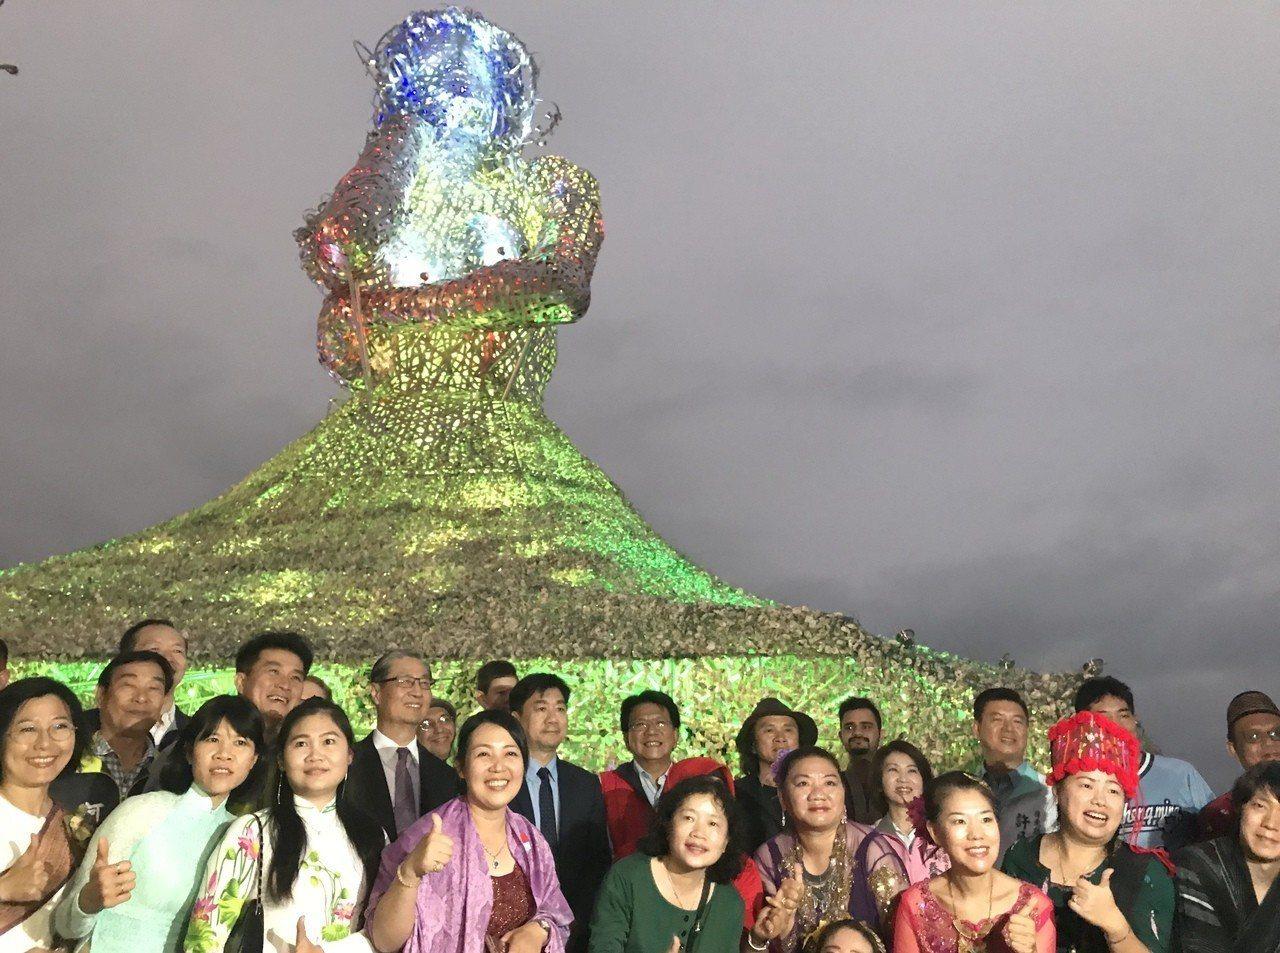 台灣燈會新住民藝術主燈「海之女神」,以5噸鋼材及30萬顆蚵殼串連,燈會結束後將原...